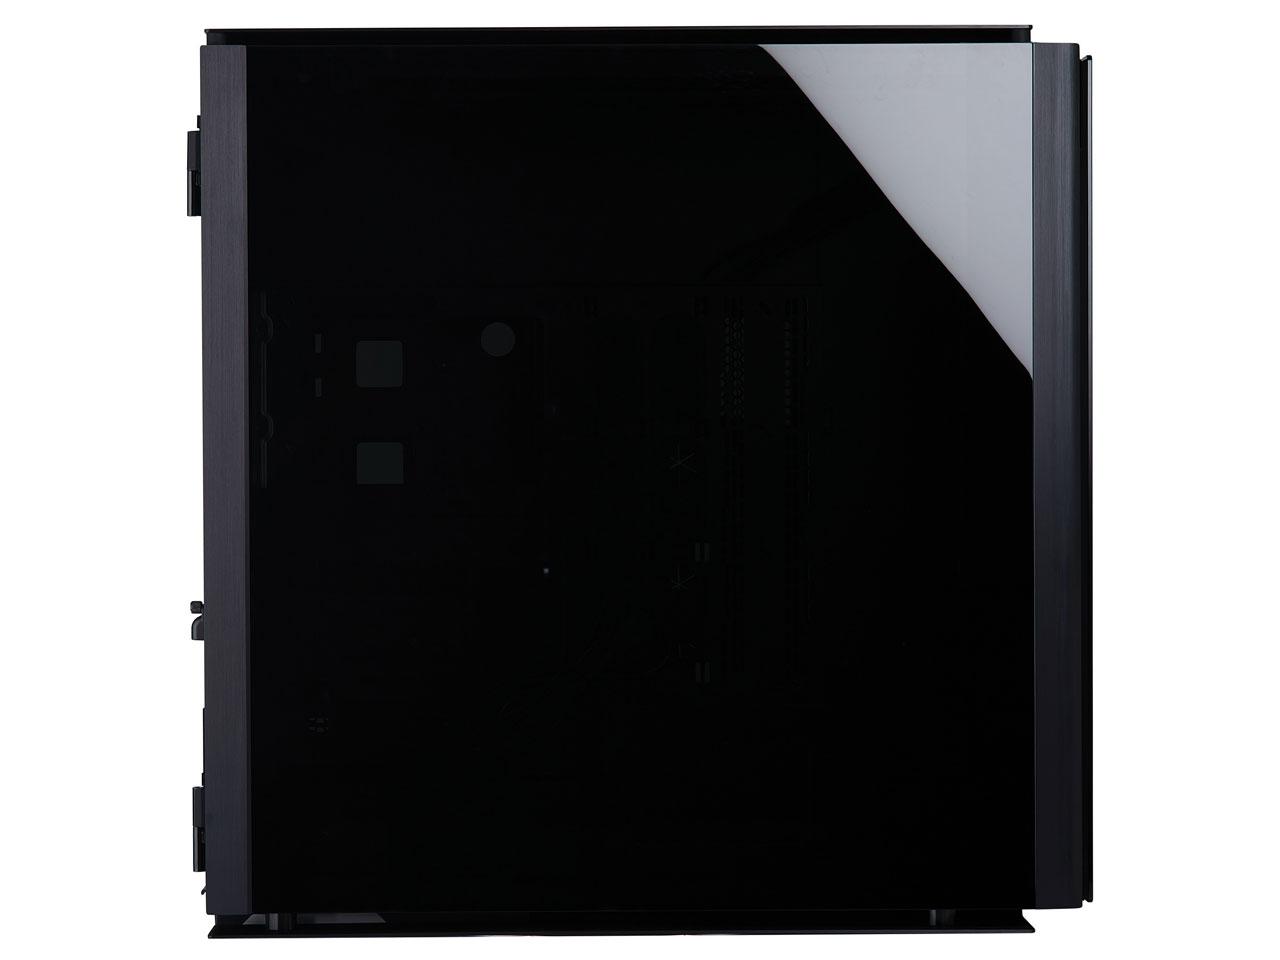 『本体 左側面』 Obsidian 1000D CC-9011148-WW の製品画像